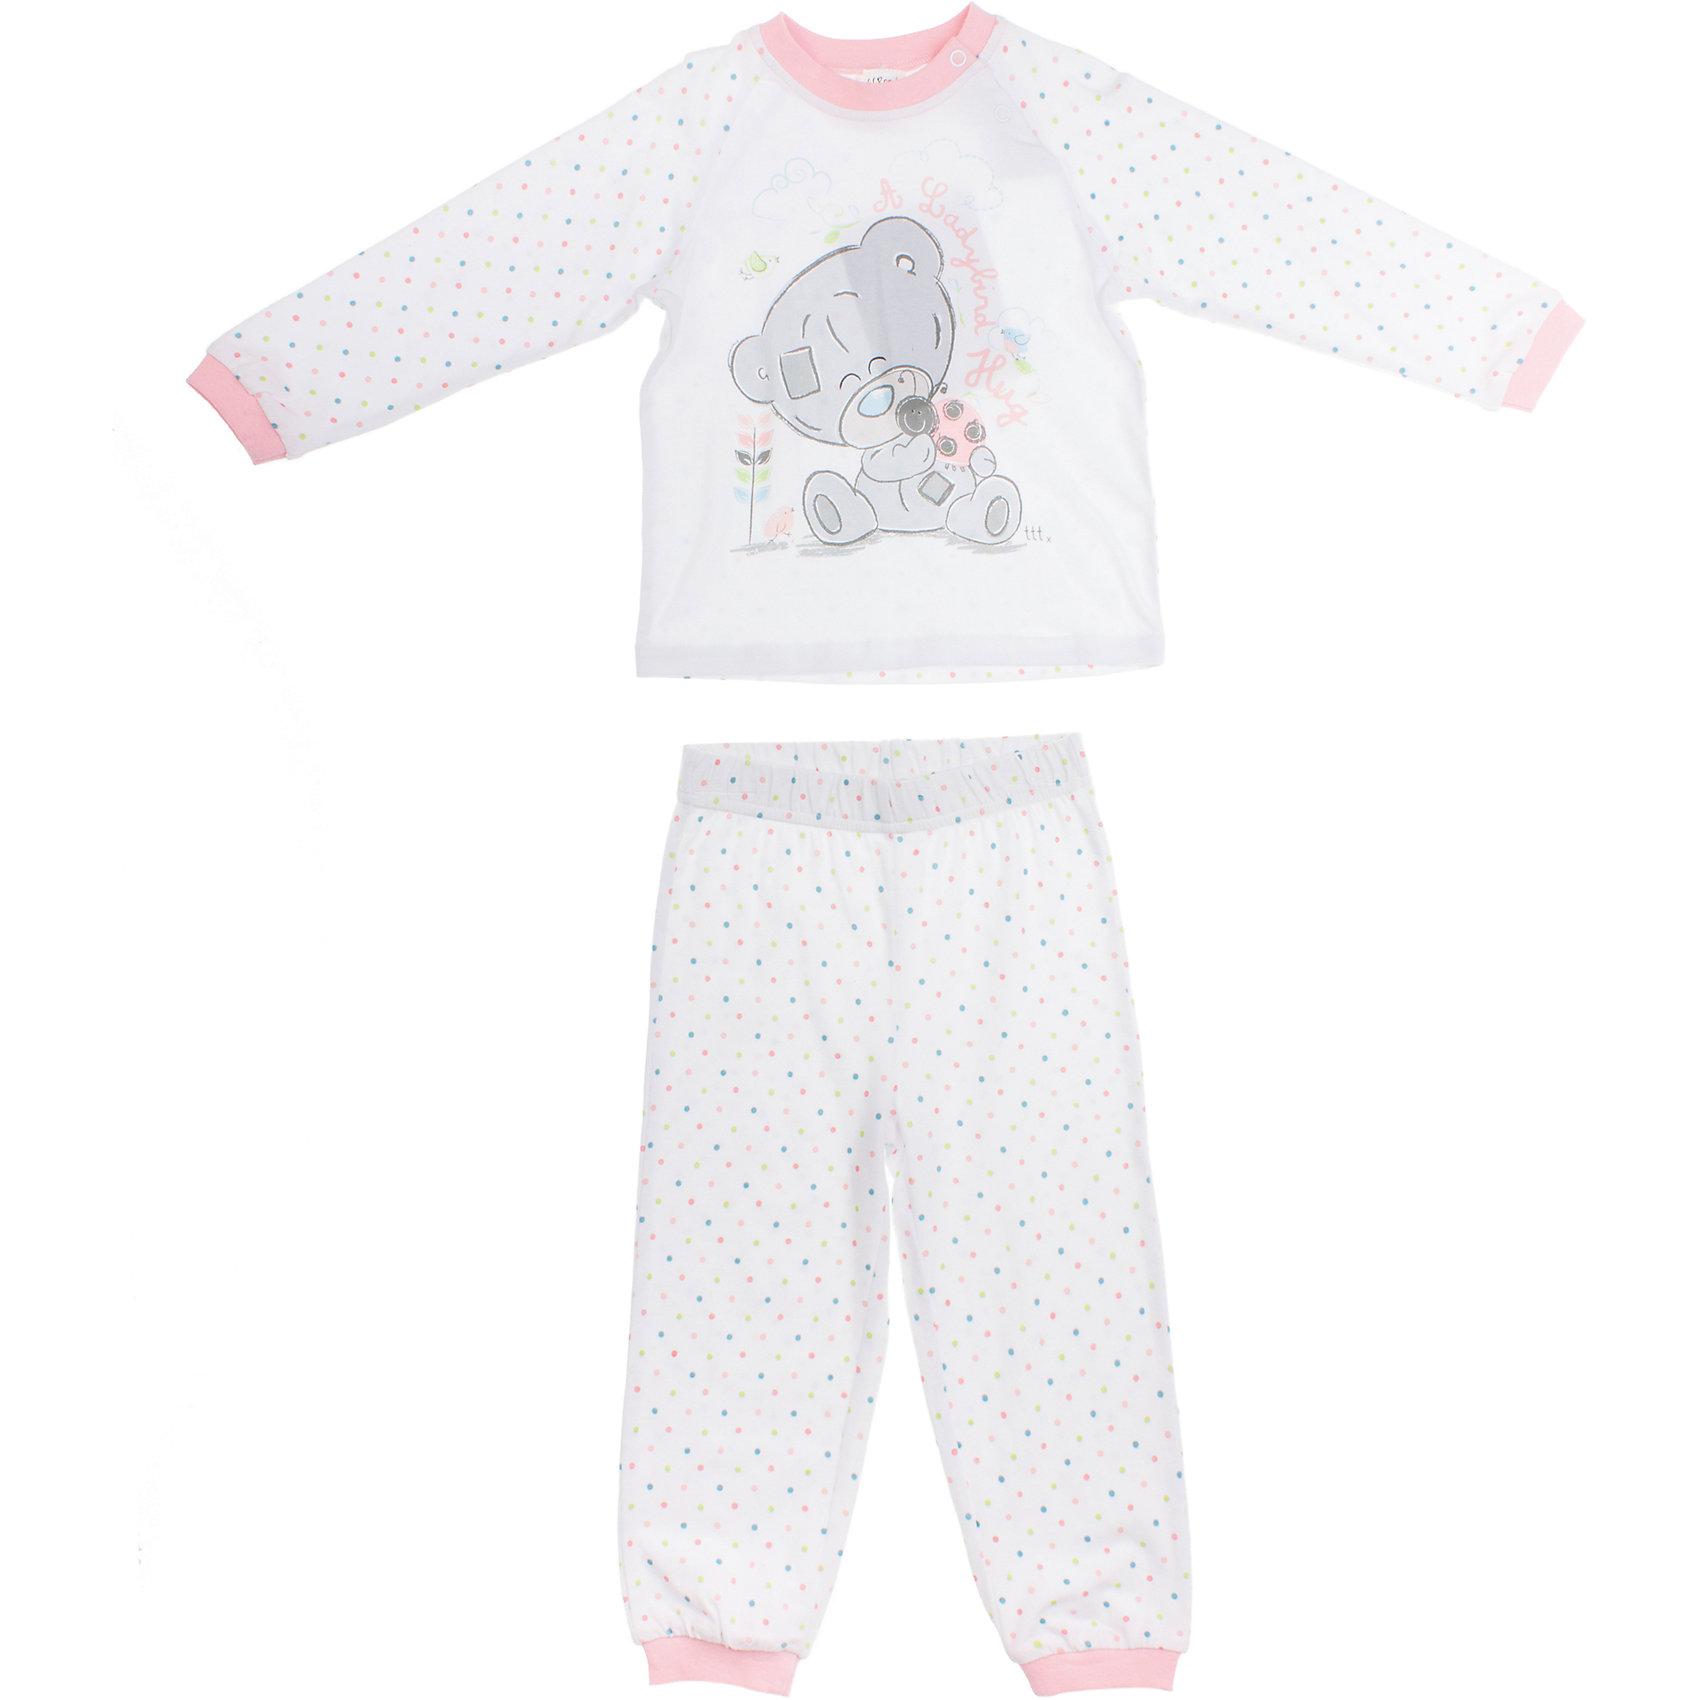 Пижама для девочки PlayTodayПижамы и сорочки<br>Пижама для девочки PlayToday <br><br>Состав: 95% хлопок, 5% эластан <br><br>Уютная розовая пижамка для малышки.<br>Украшена водным принтом с мишкой Тедди<br>На плече застежки-кнопки<br>Рукава, воротник, пояс и низ штанишек на резинке<br><br>Ширина мм: 281<br>Глубина мм: 70<br>Высота мм: 188<br>Вес г: 295<br>Цвет: белый<br>Возраст от месяцев: 9<br>Возраст до месяцев: 12<br>Пол: Женский<br>Возраст: Детский<br>Размер: 74,80,92,86<br>SKU: 4503762